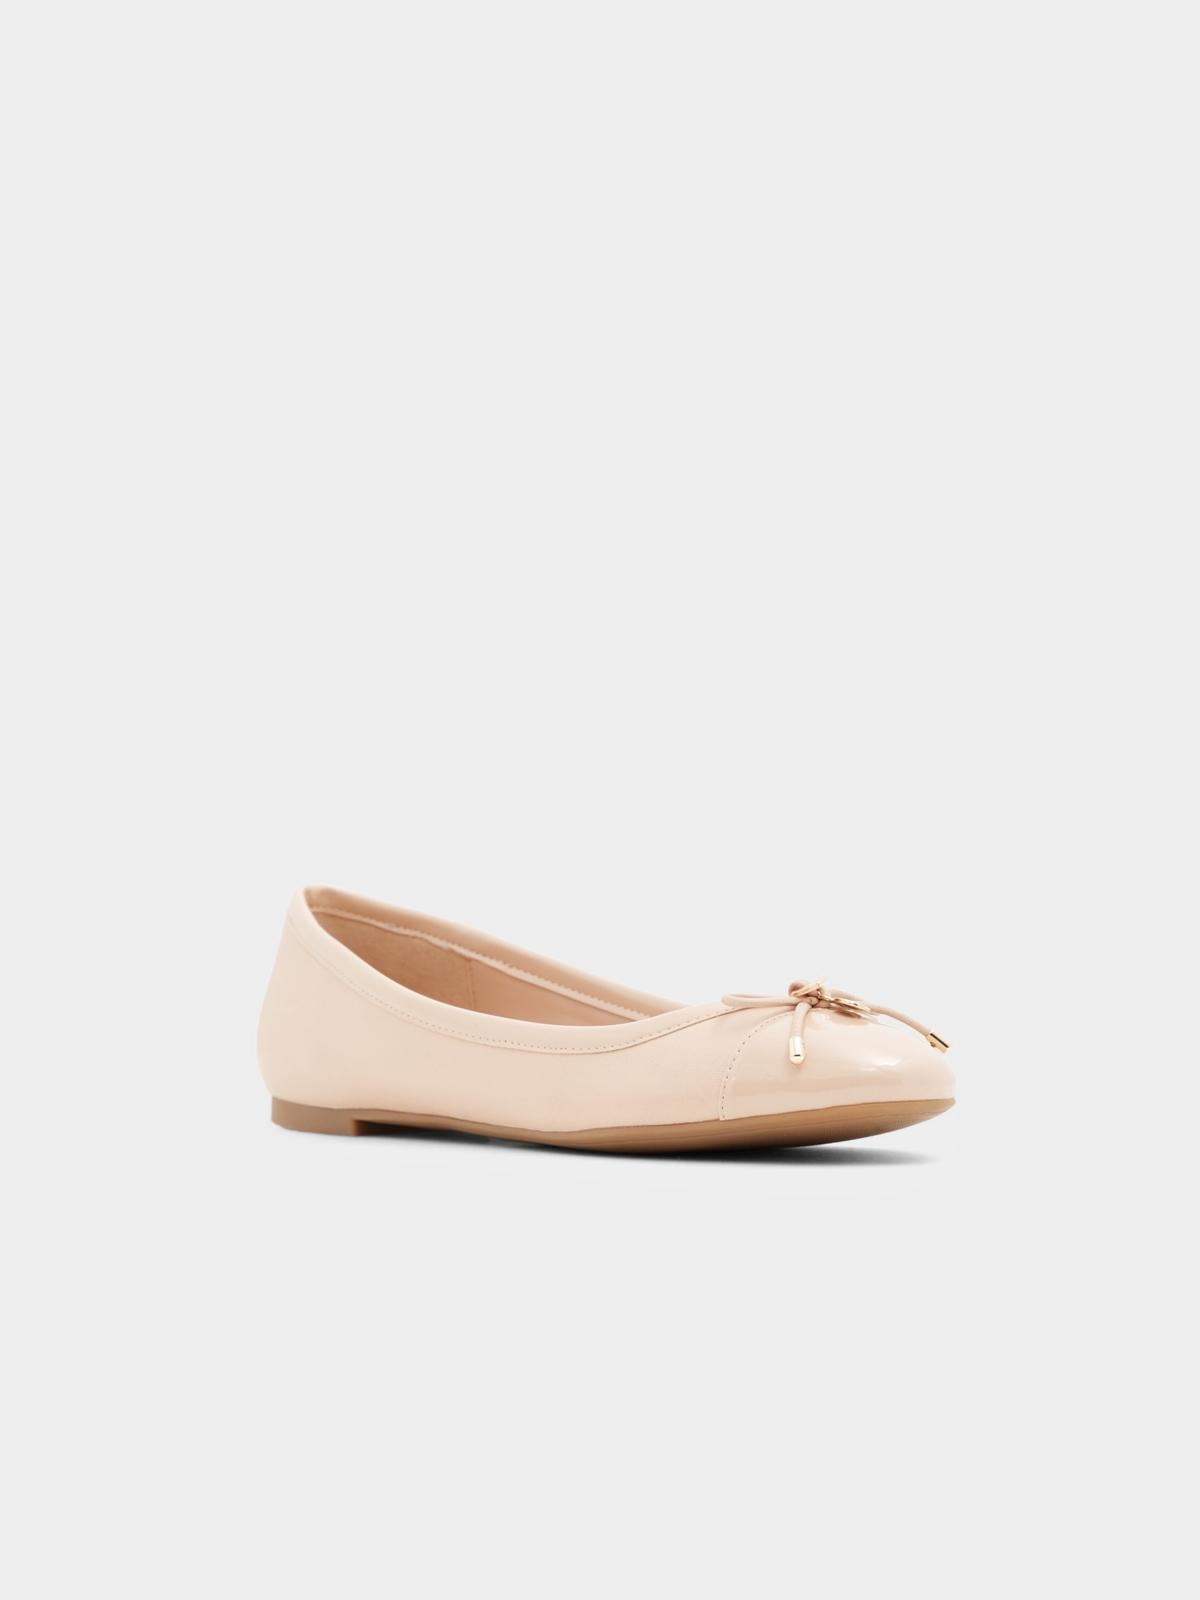 Aldo Amoreira Ballet Flats Light Beige